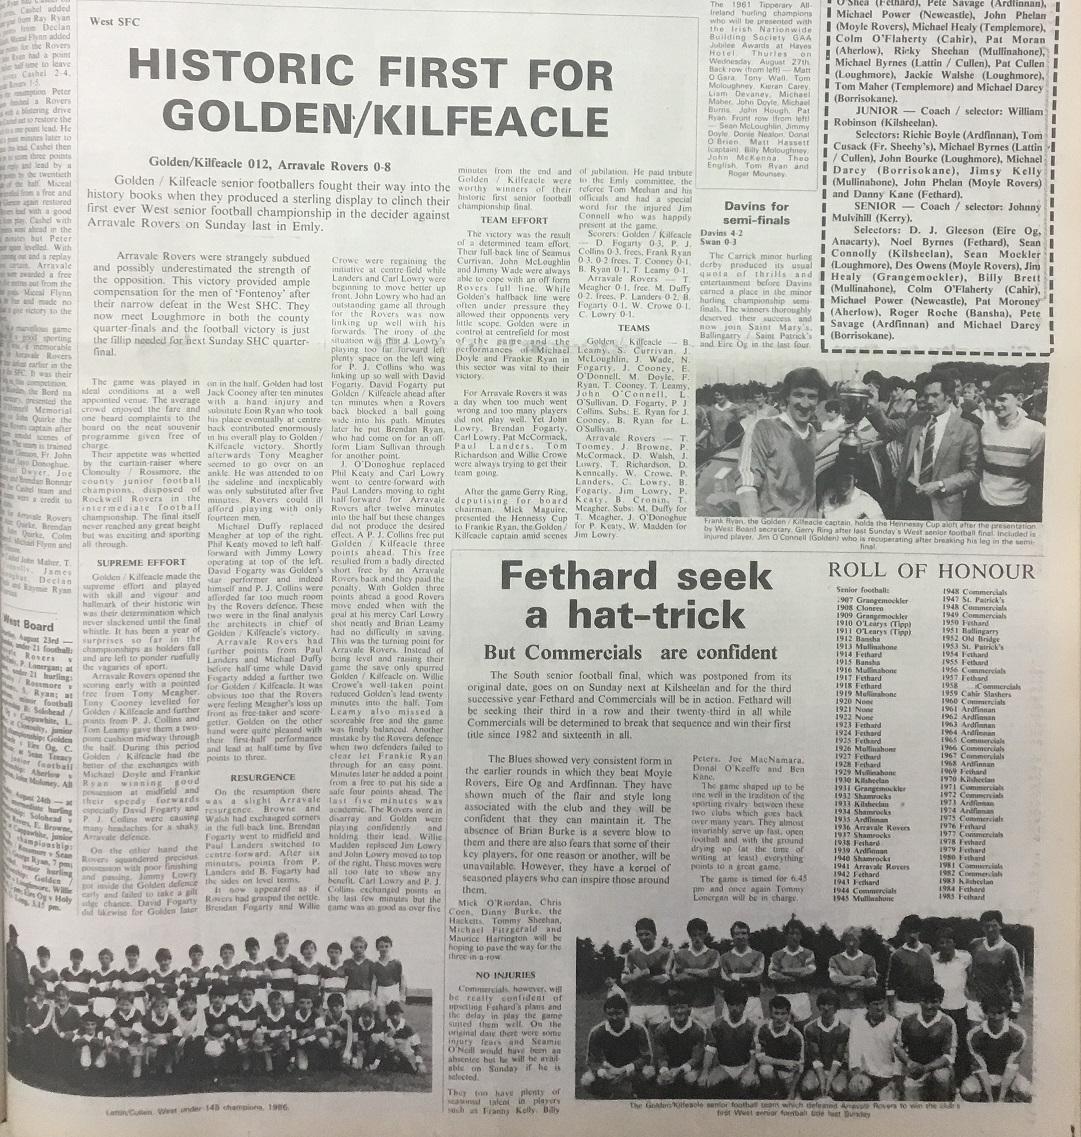 1986 West football final